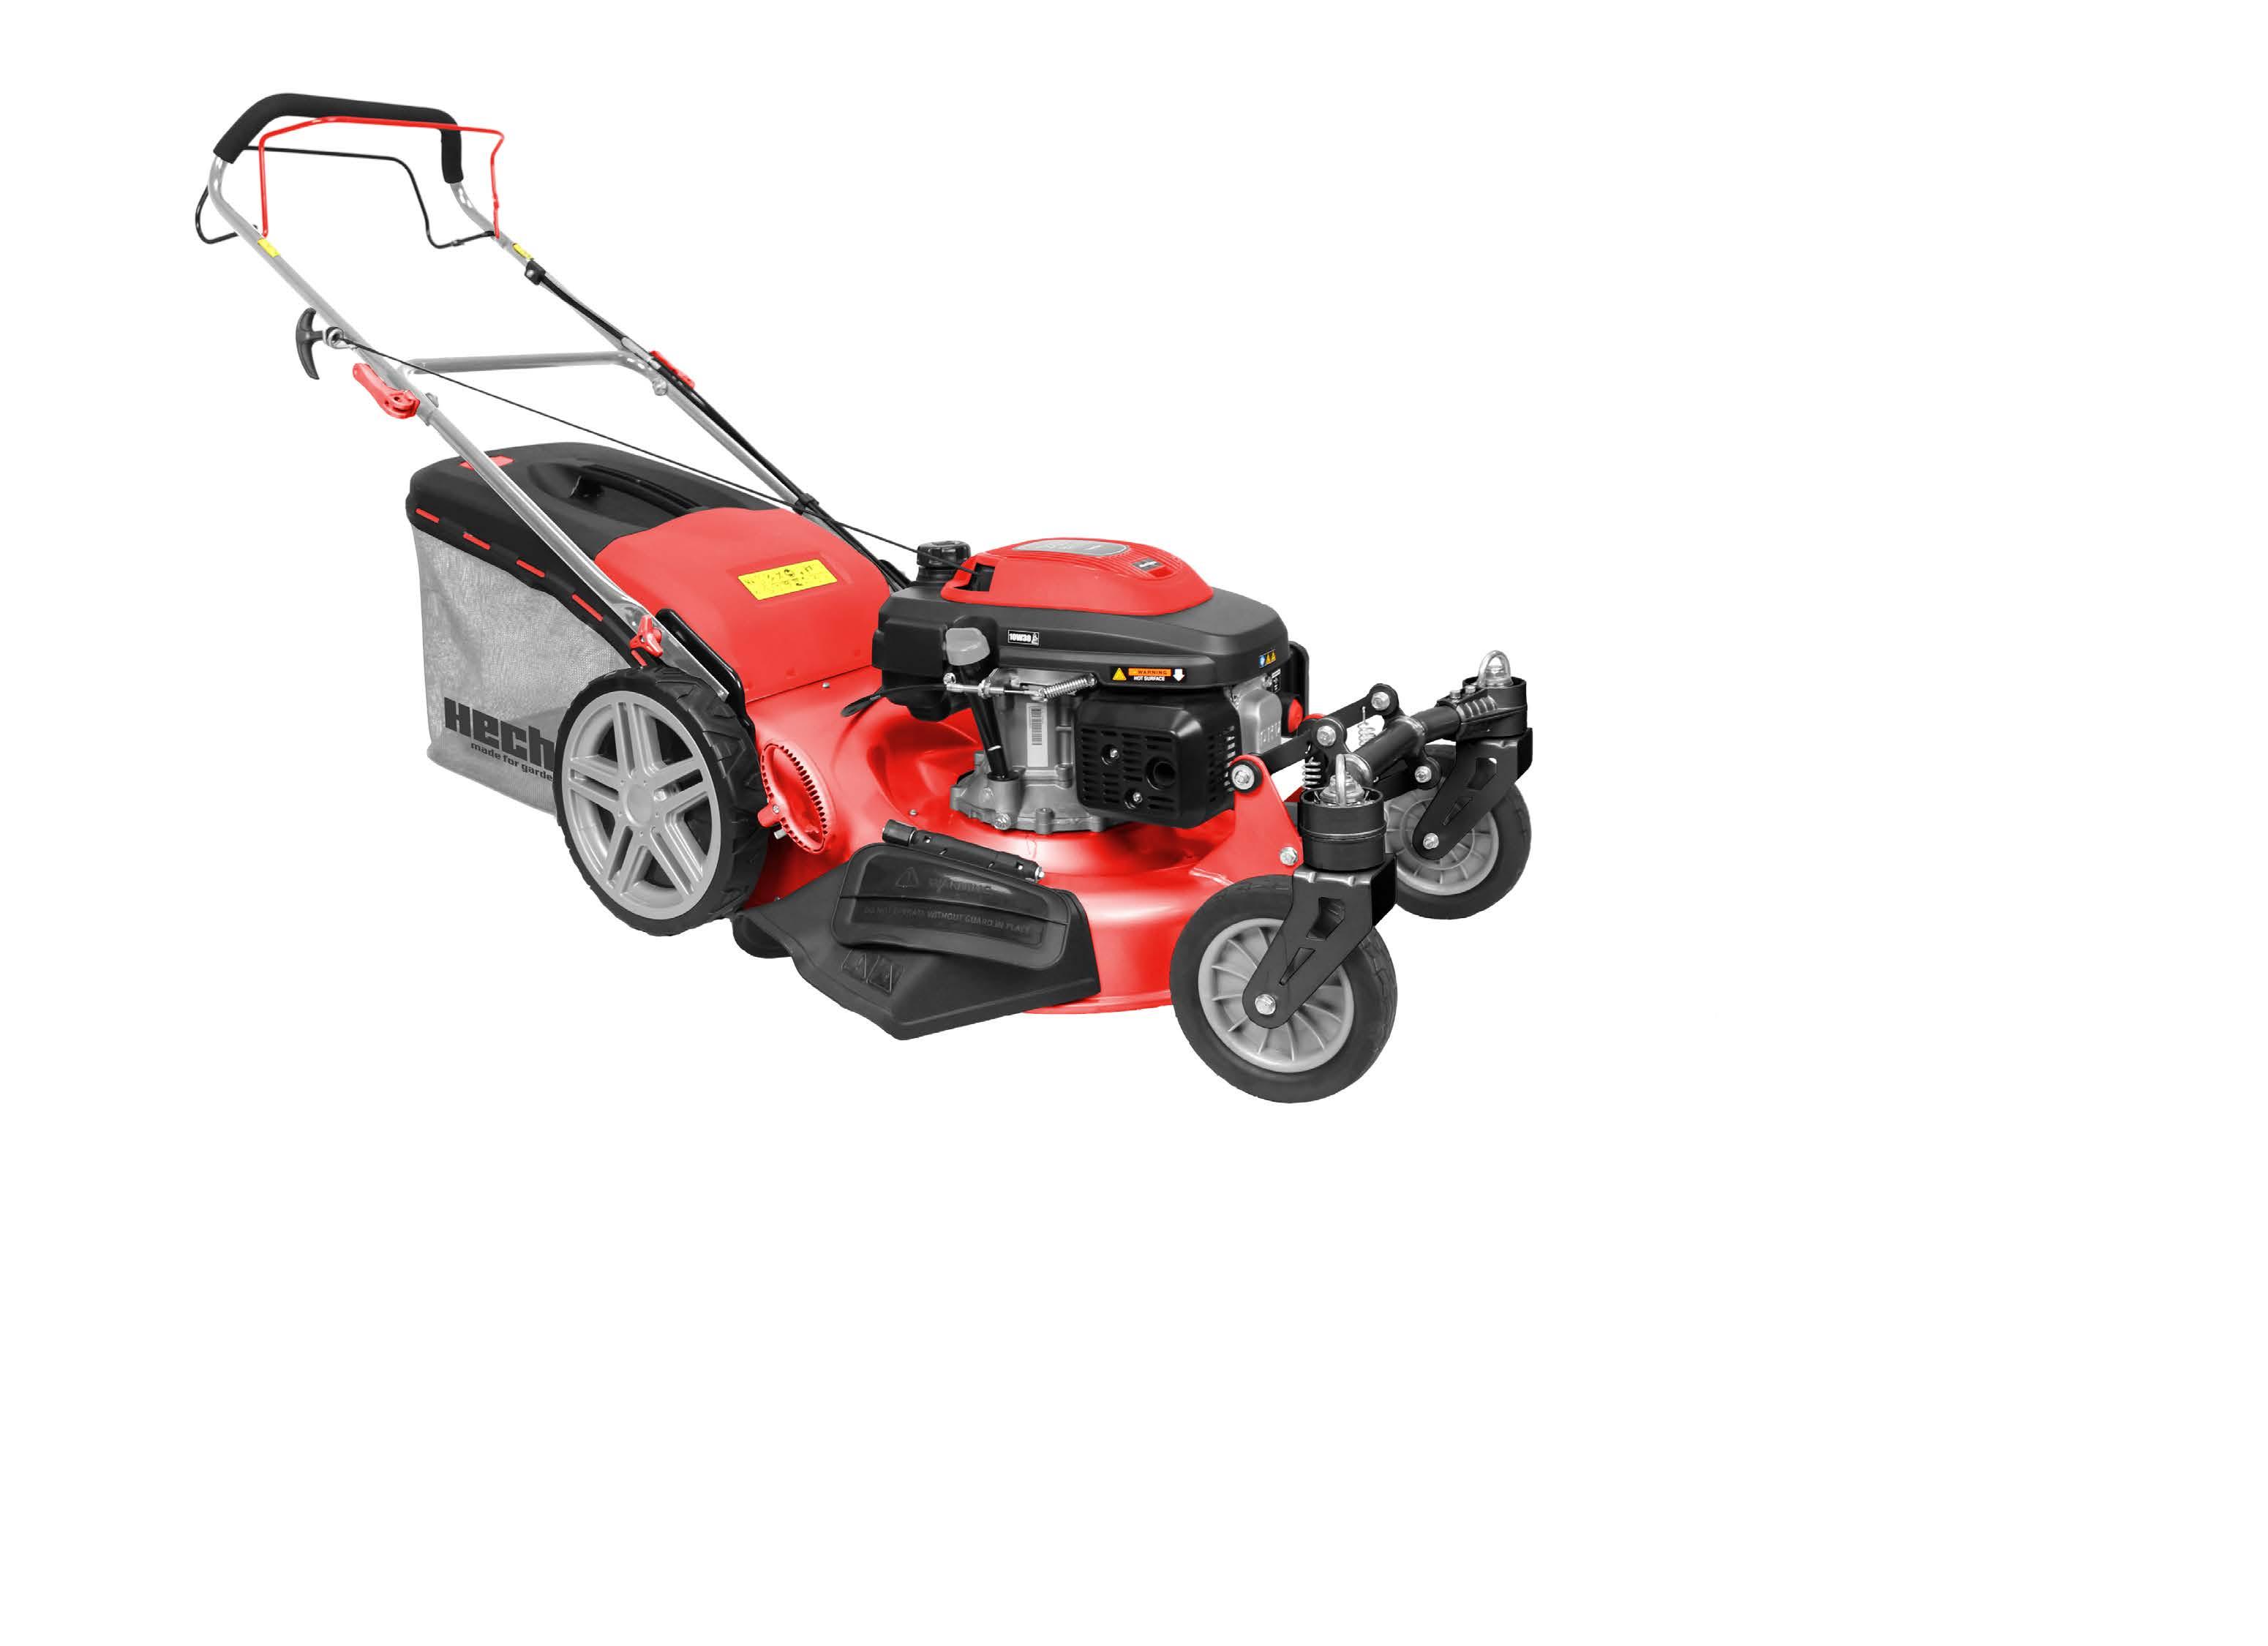 Hecht 551XR benzinmotoros önjáró fűnyíró